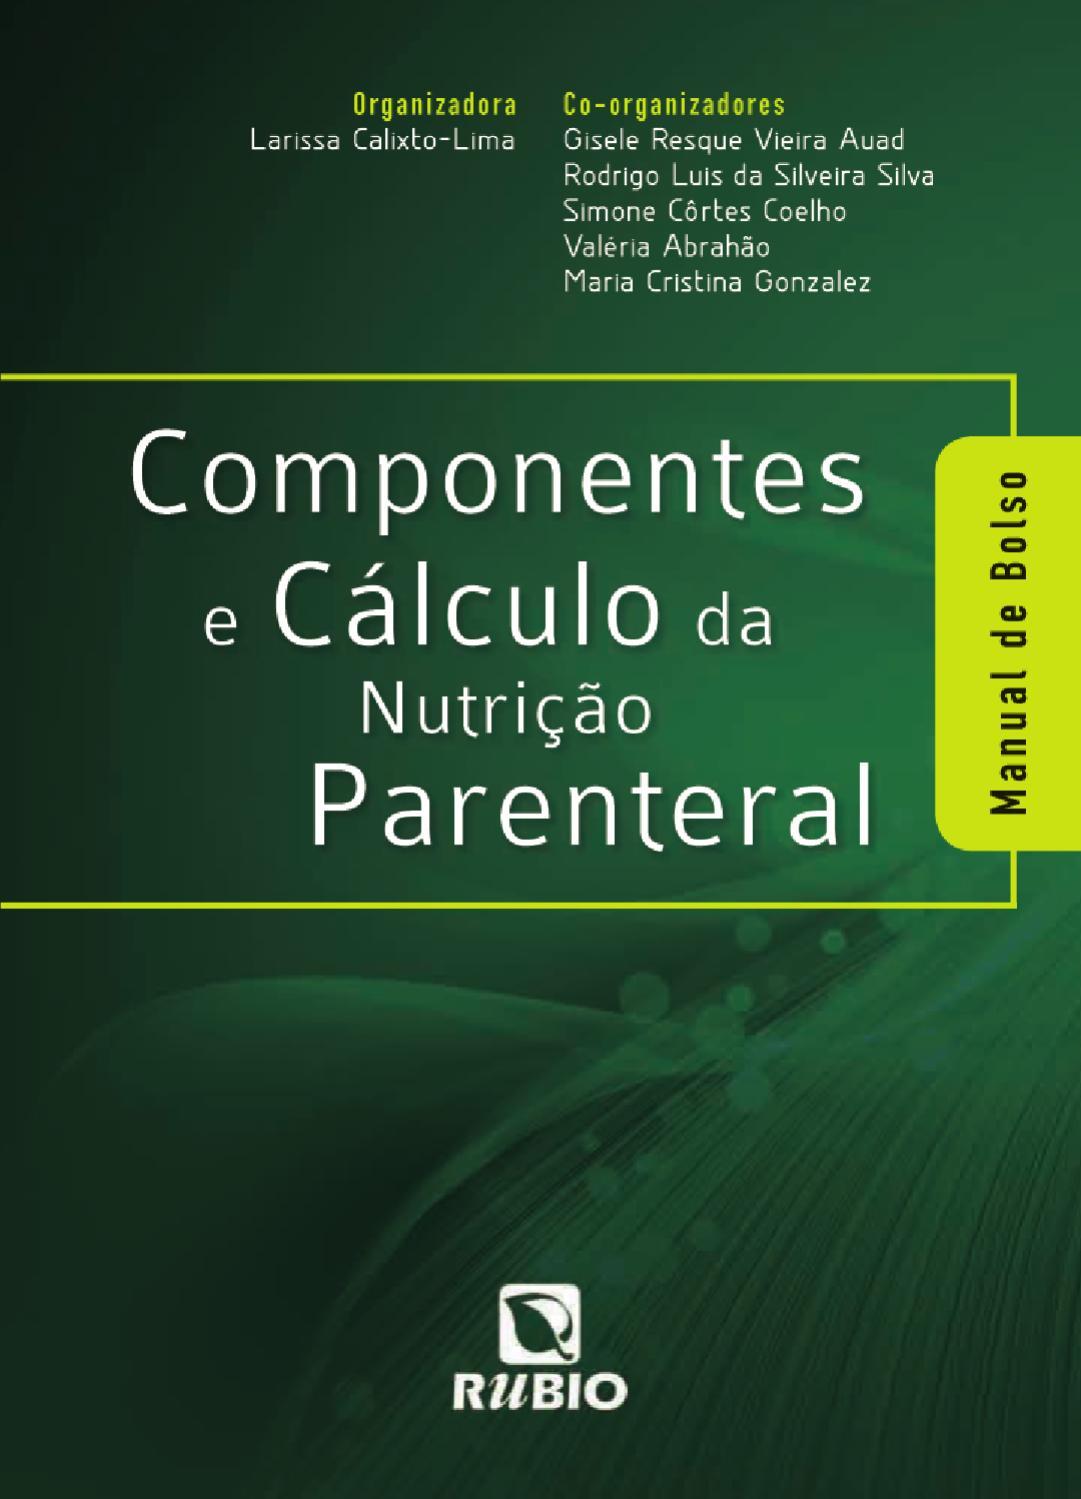 Componentes e Cálculo da Nutrição Parenteral by Editora